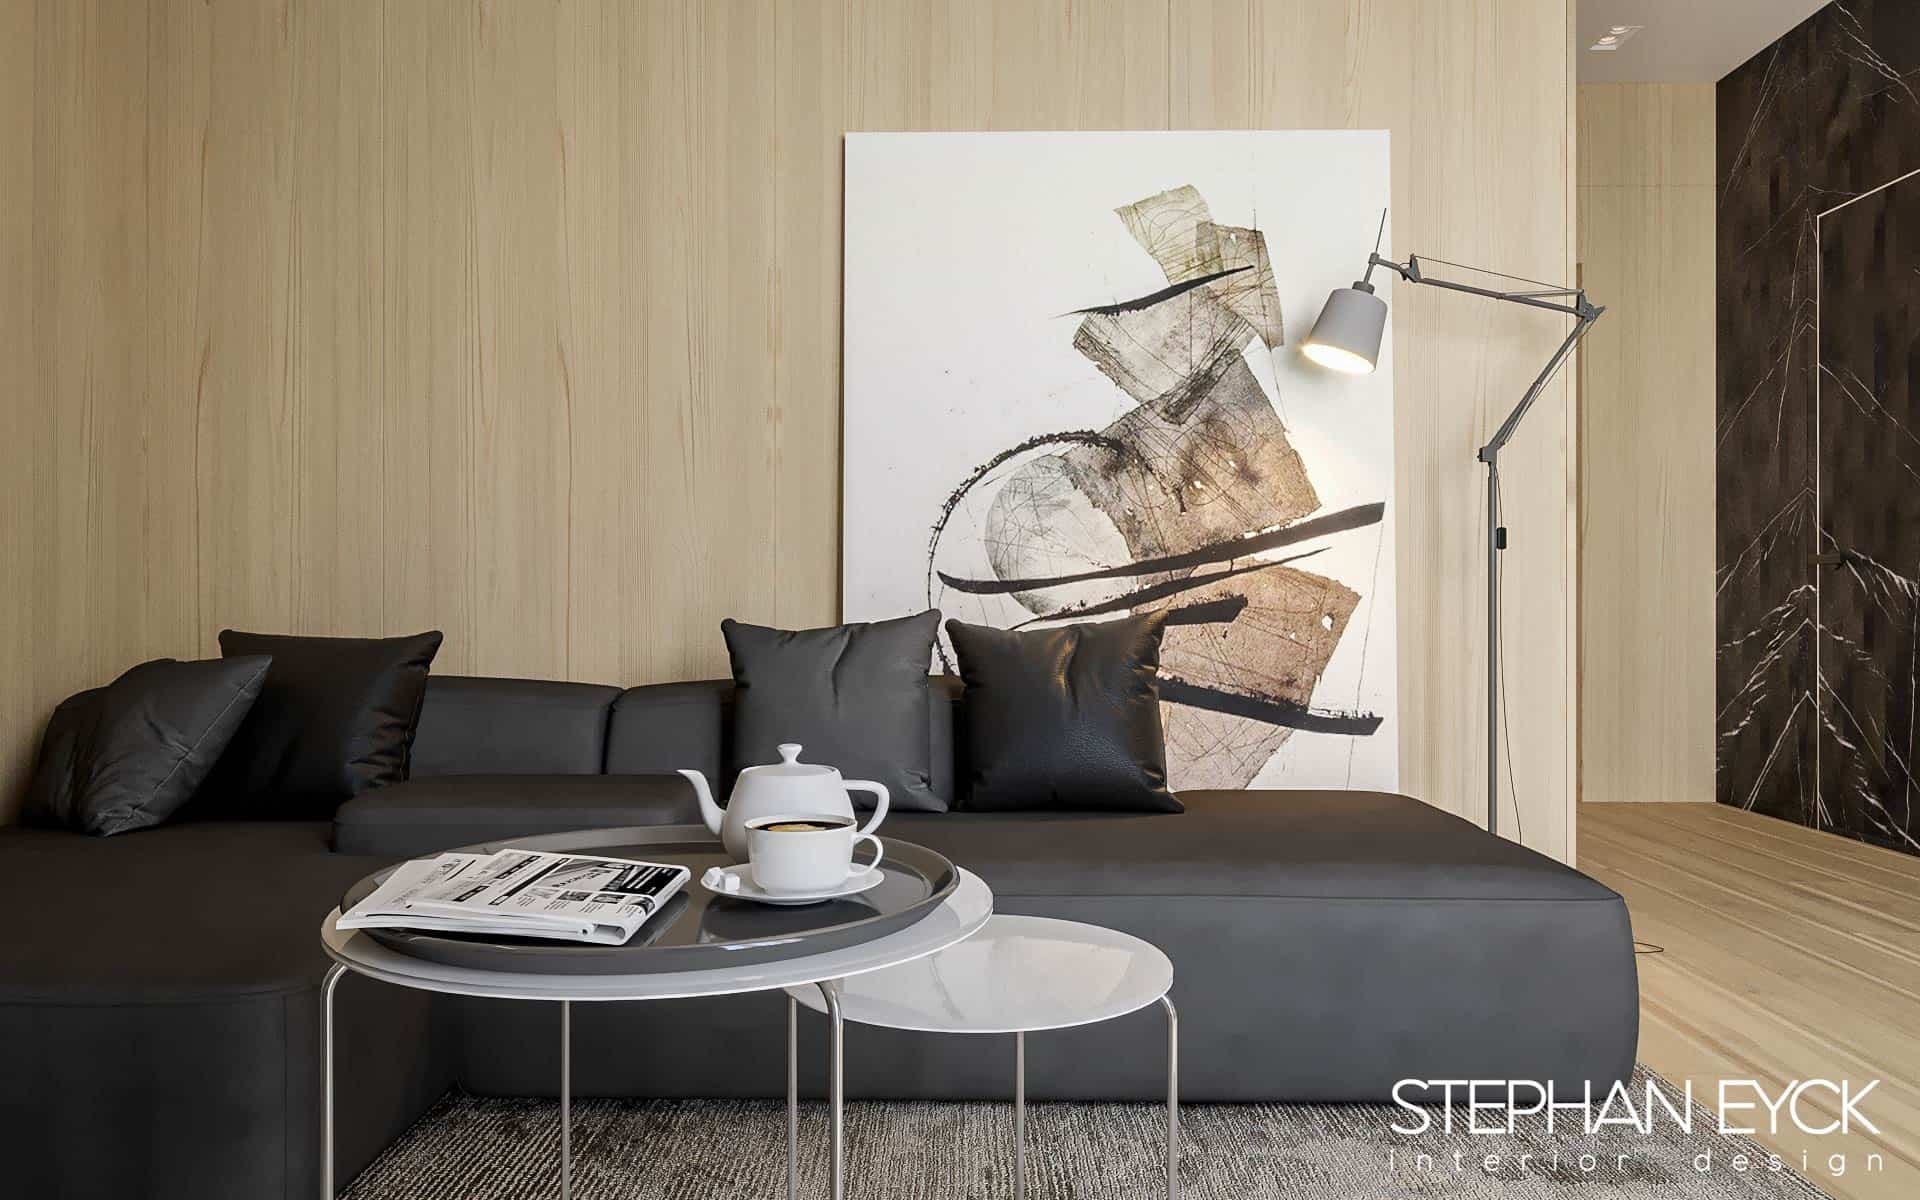 interior living pentahouse 03 Stephan Eyck